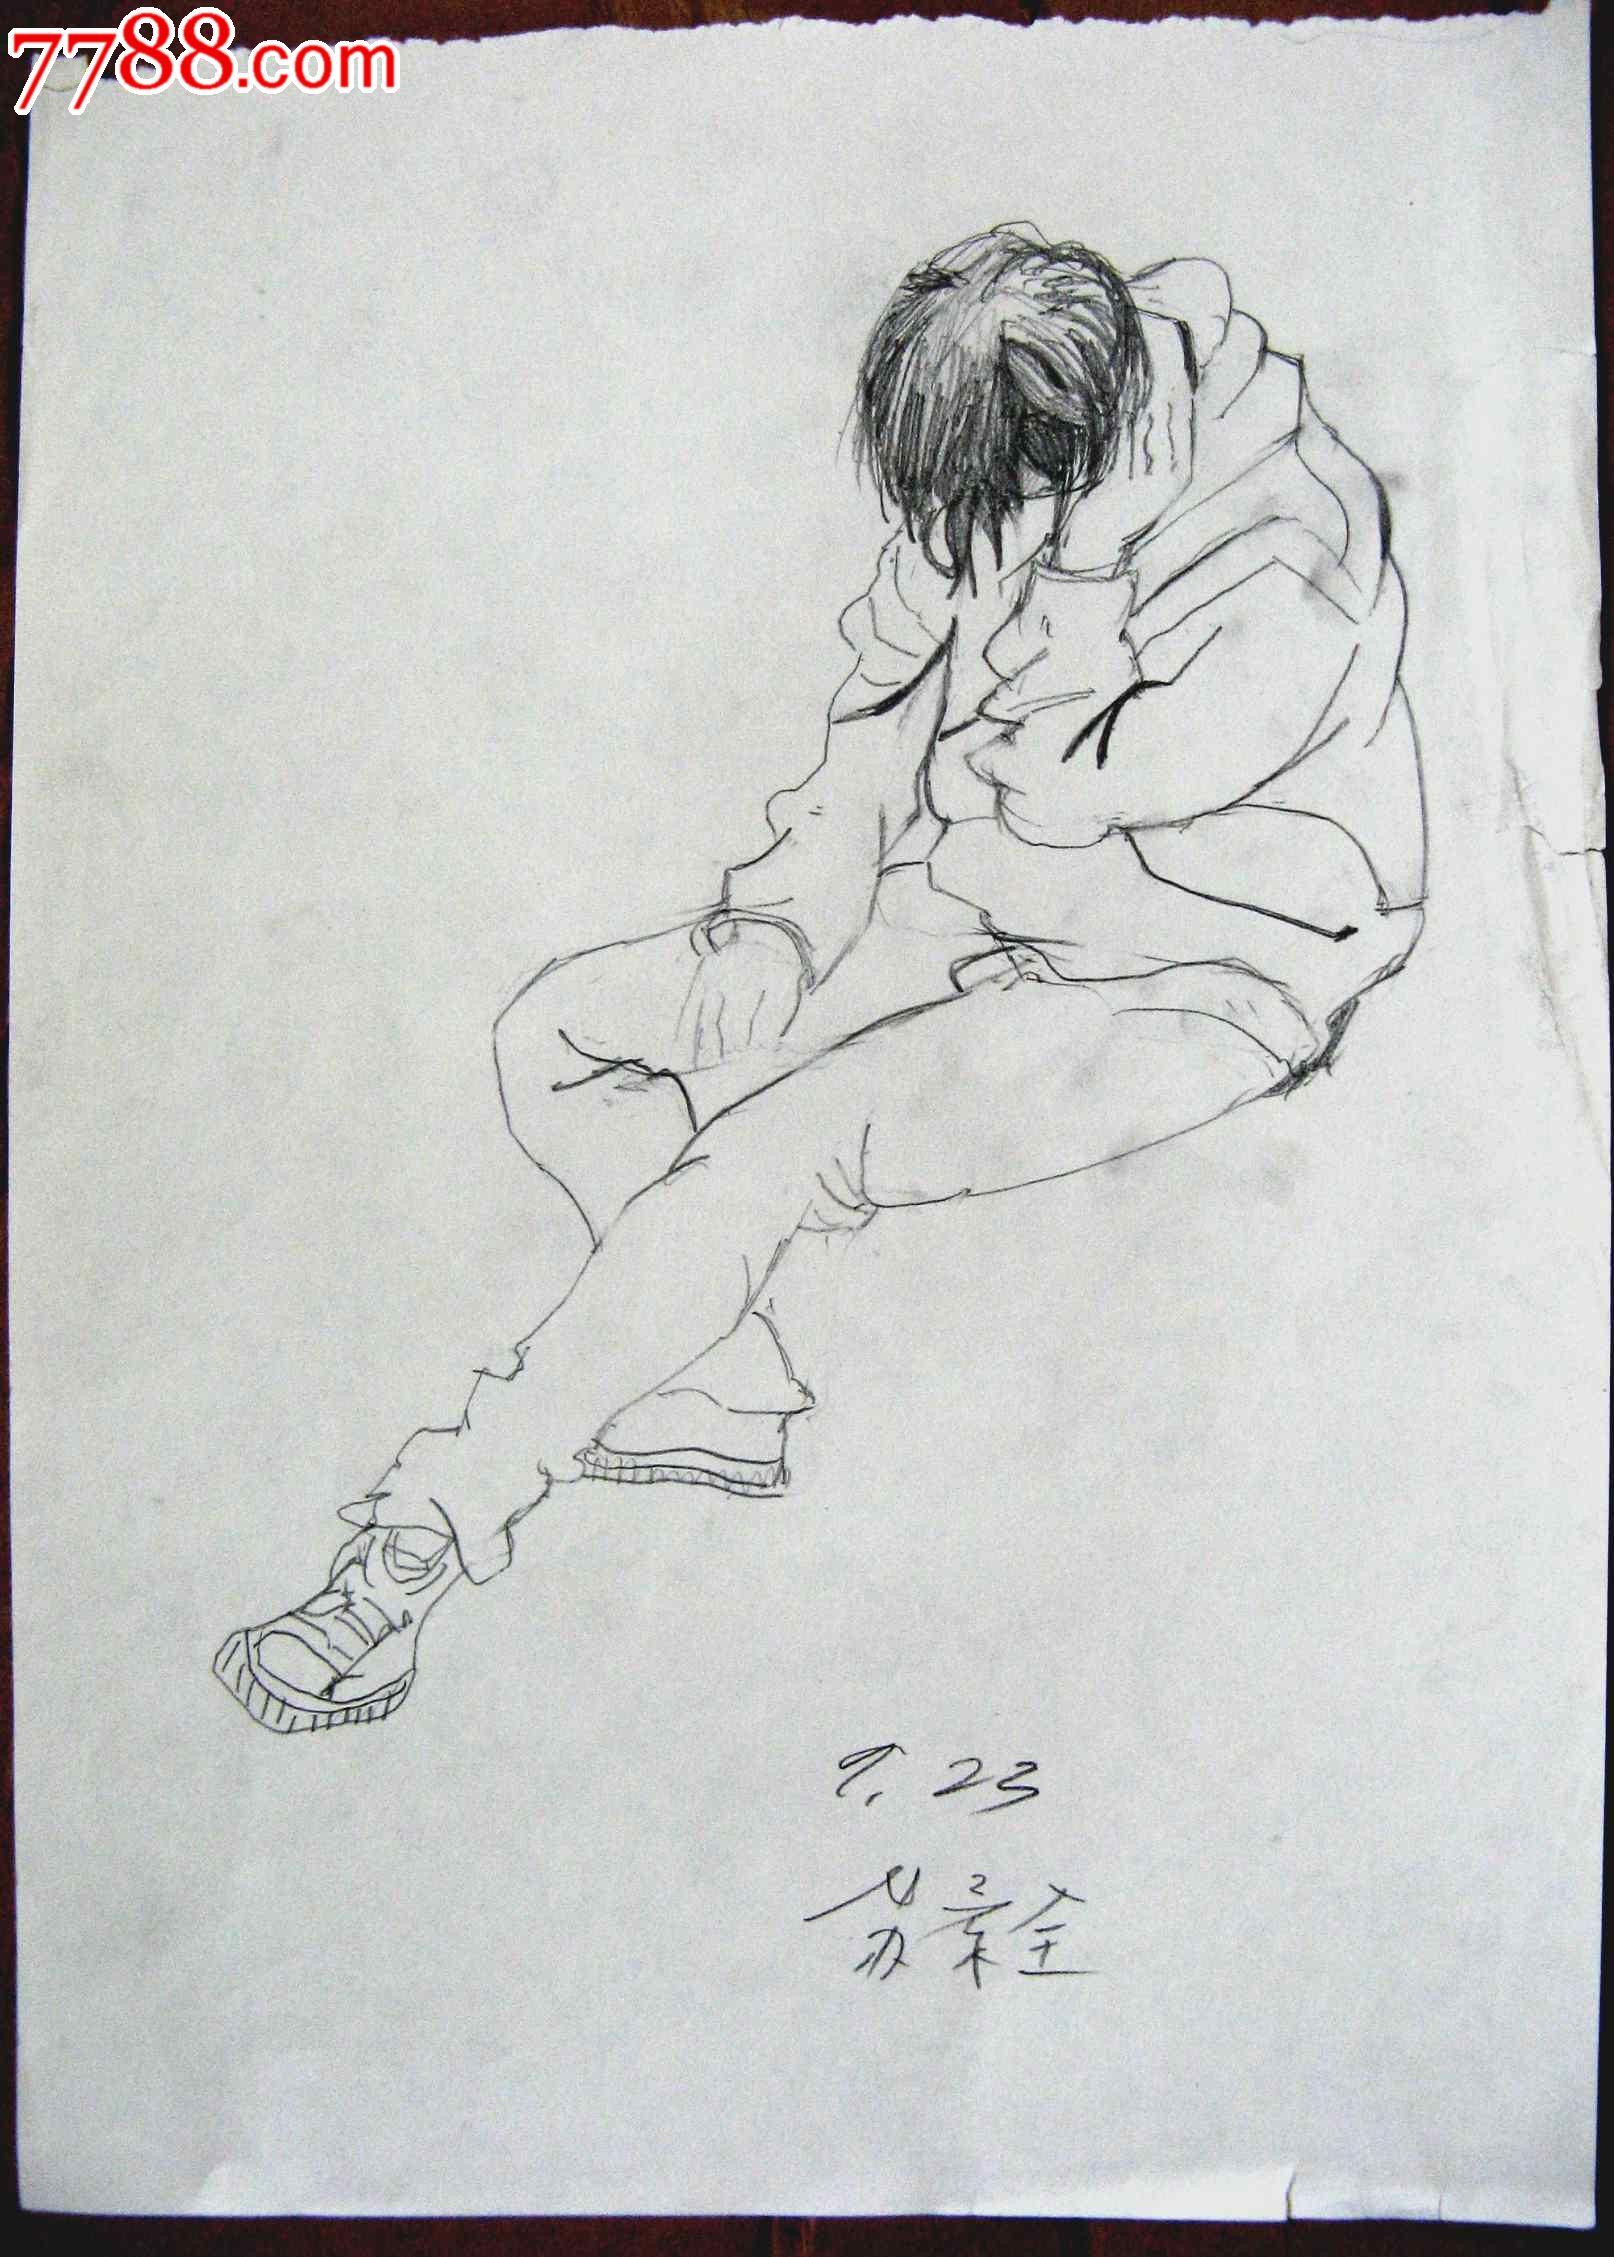 素描人物画2幅:坐着休息的男生